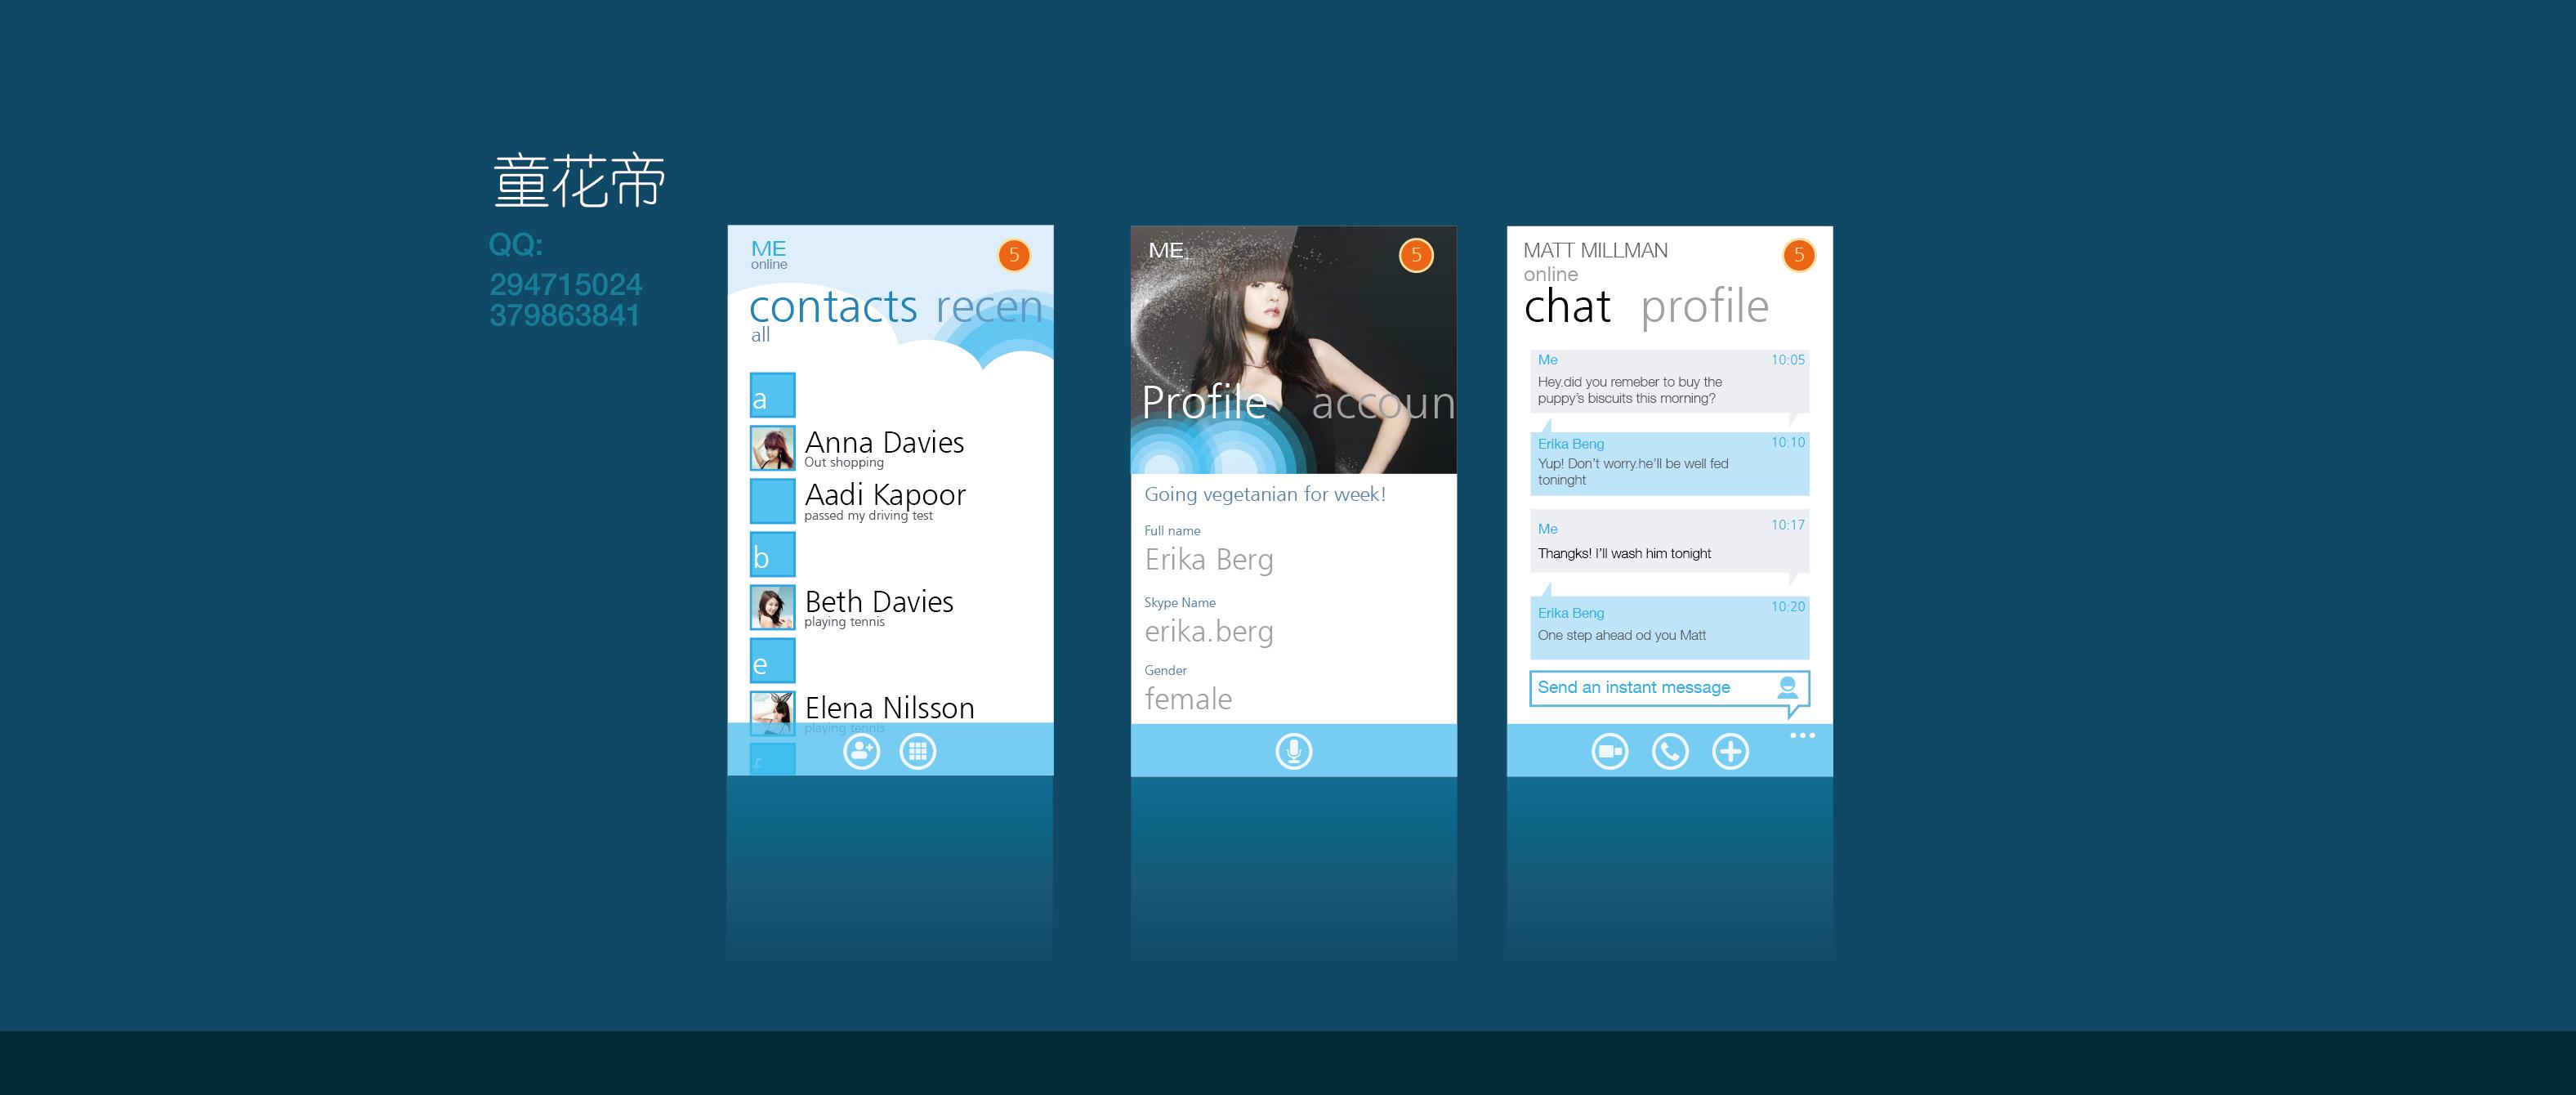 通讯应用软件界面设计